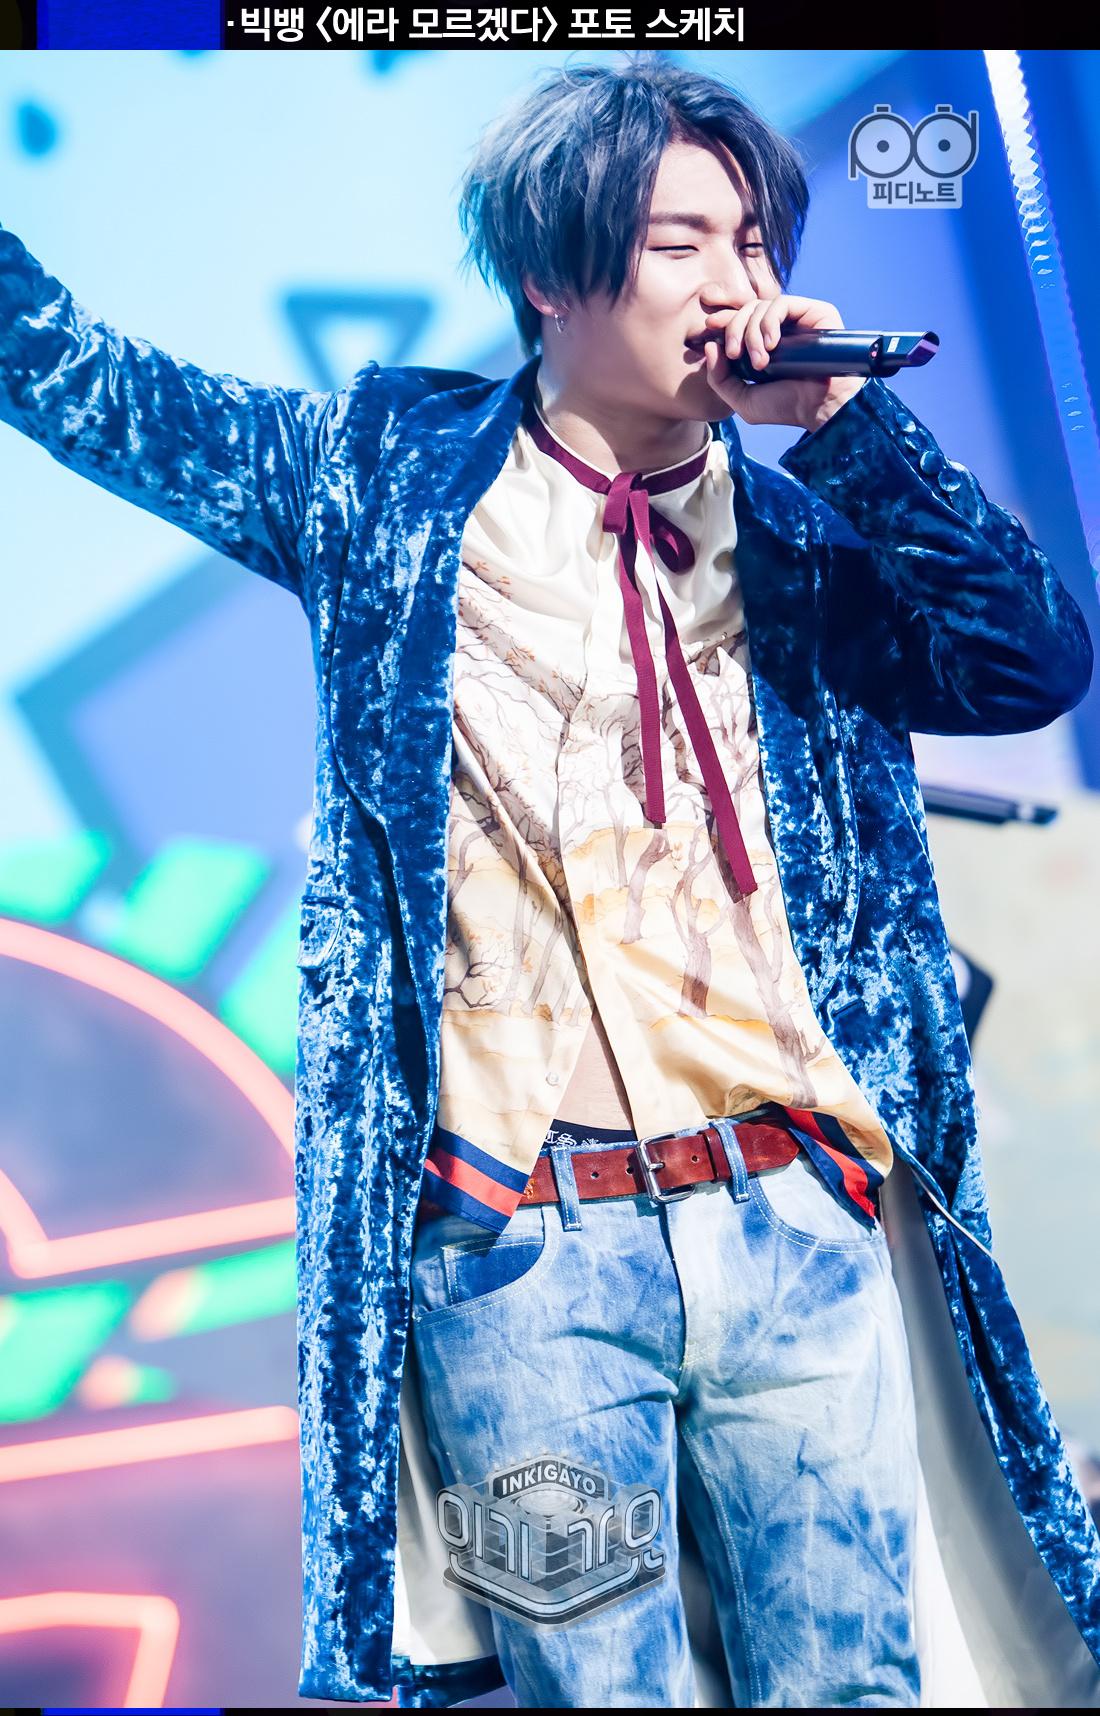 sbs人气歌谣bigbang_[BigBang][新闻]170110 BIGBANG人歌舞台美图来袭 五人五色净化眼球 ...